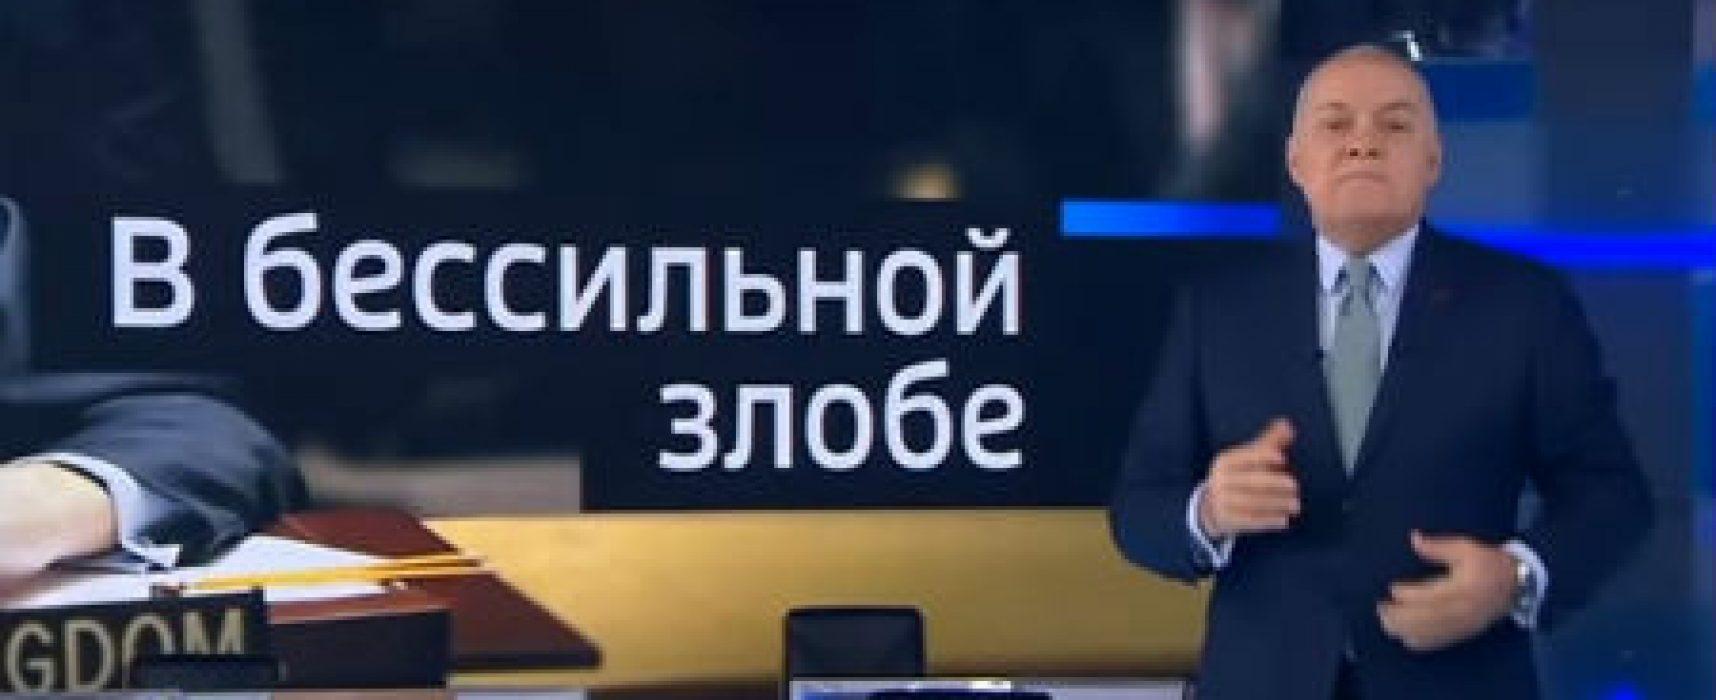 Телепропаганда. Декабрь 2016. Часть вторая